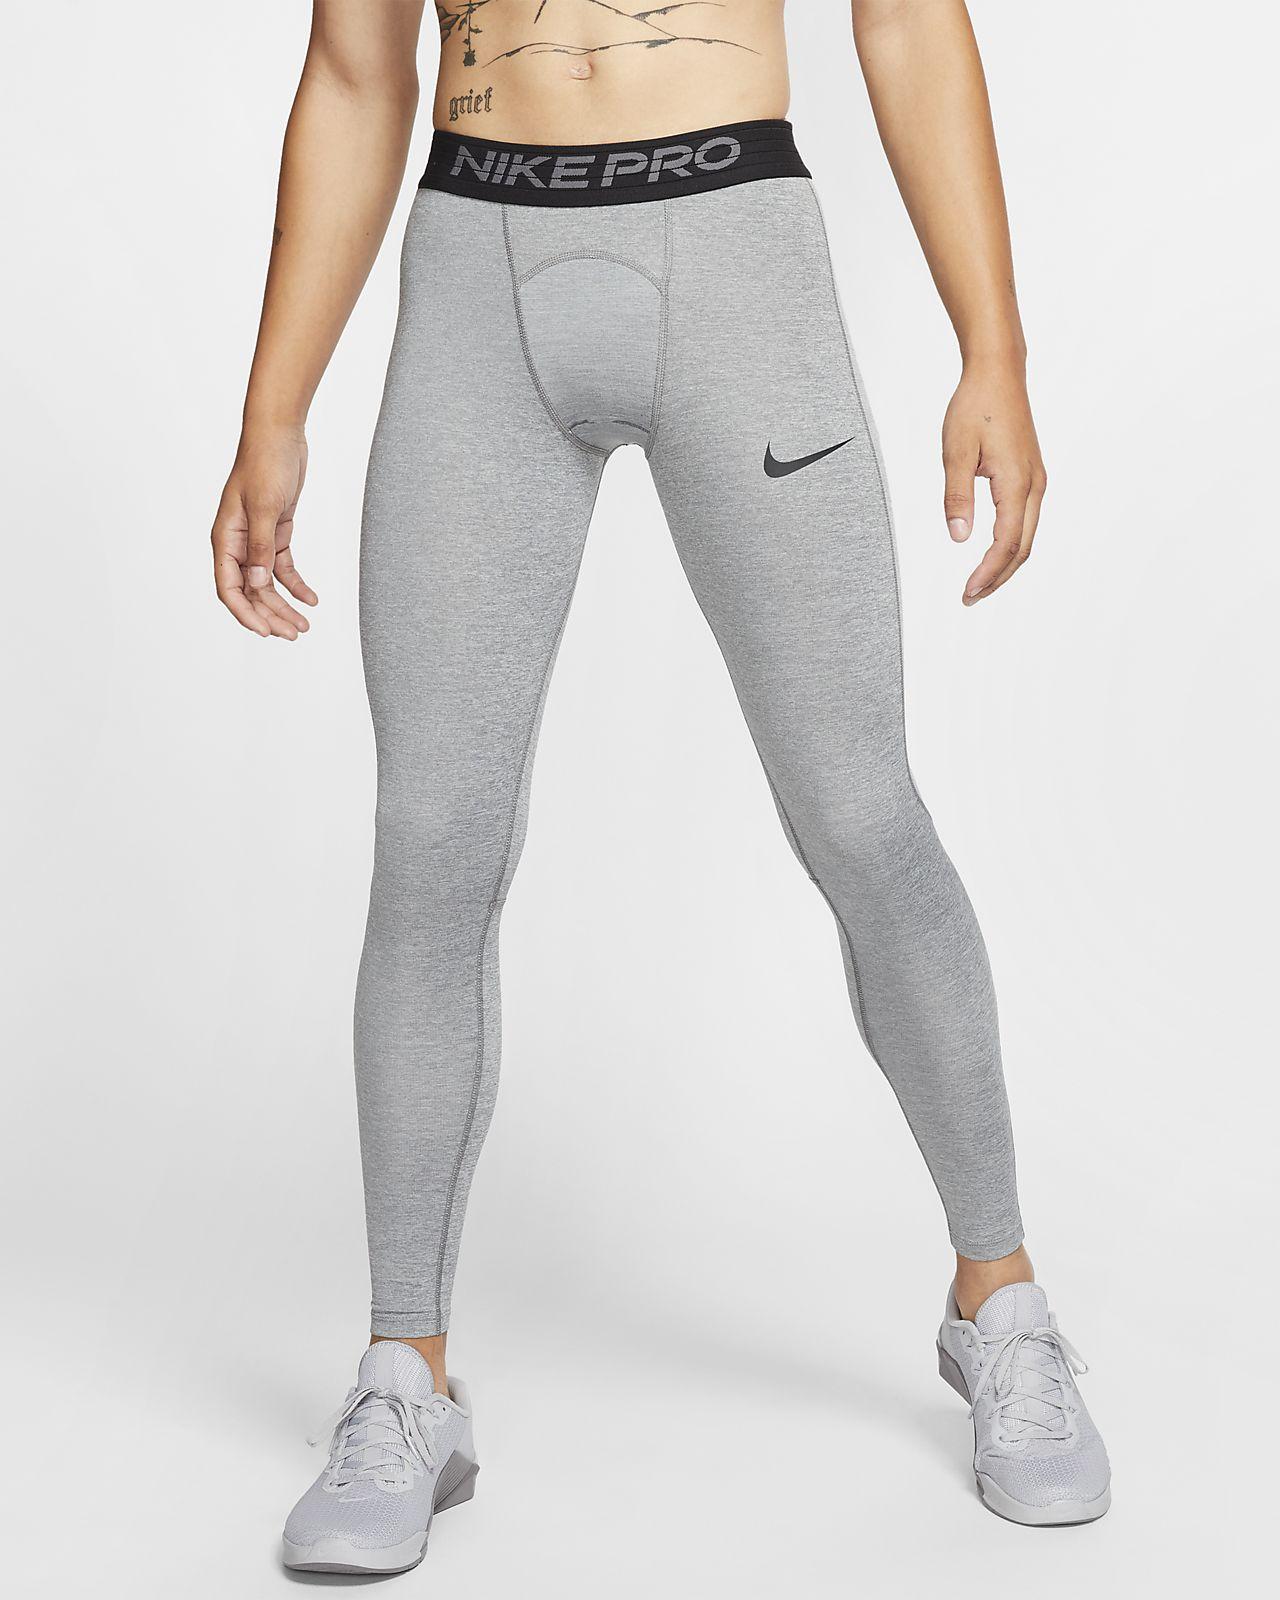 Tights Nike Pro för män